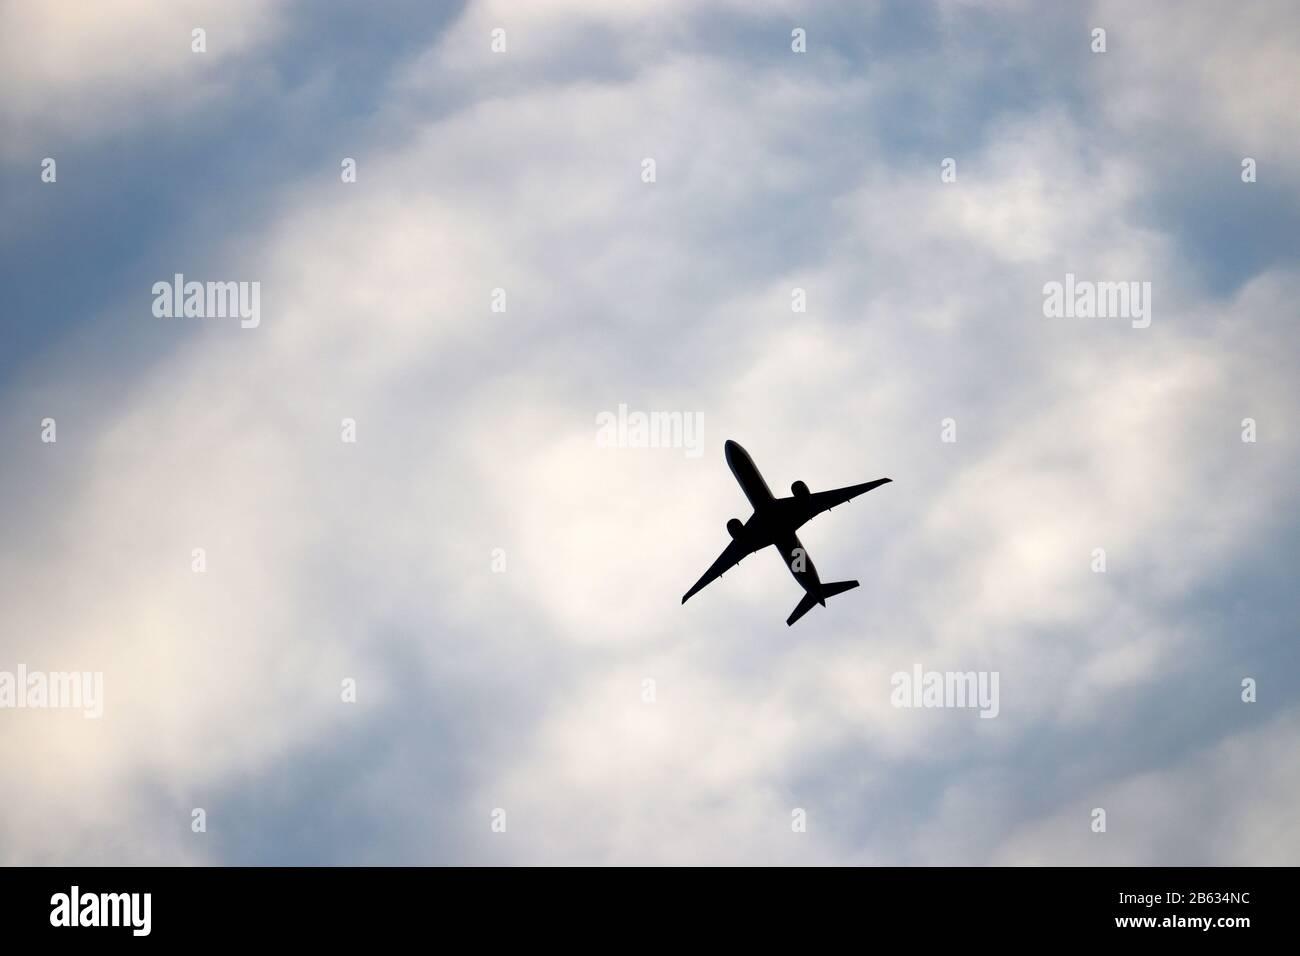 Avión volando en el cielo azul sobre el fondo de nubes blancas. Silueta de un avión comercial durante el concepto de ascenso, desplazamiento y turbulencia Foto de stock